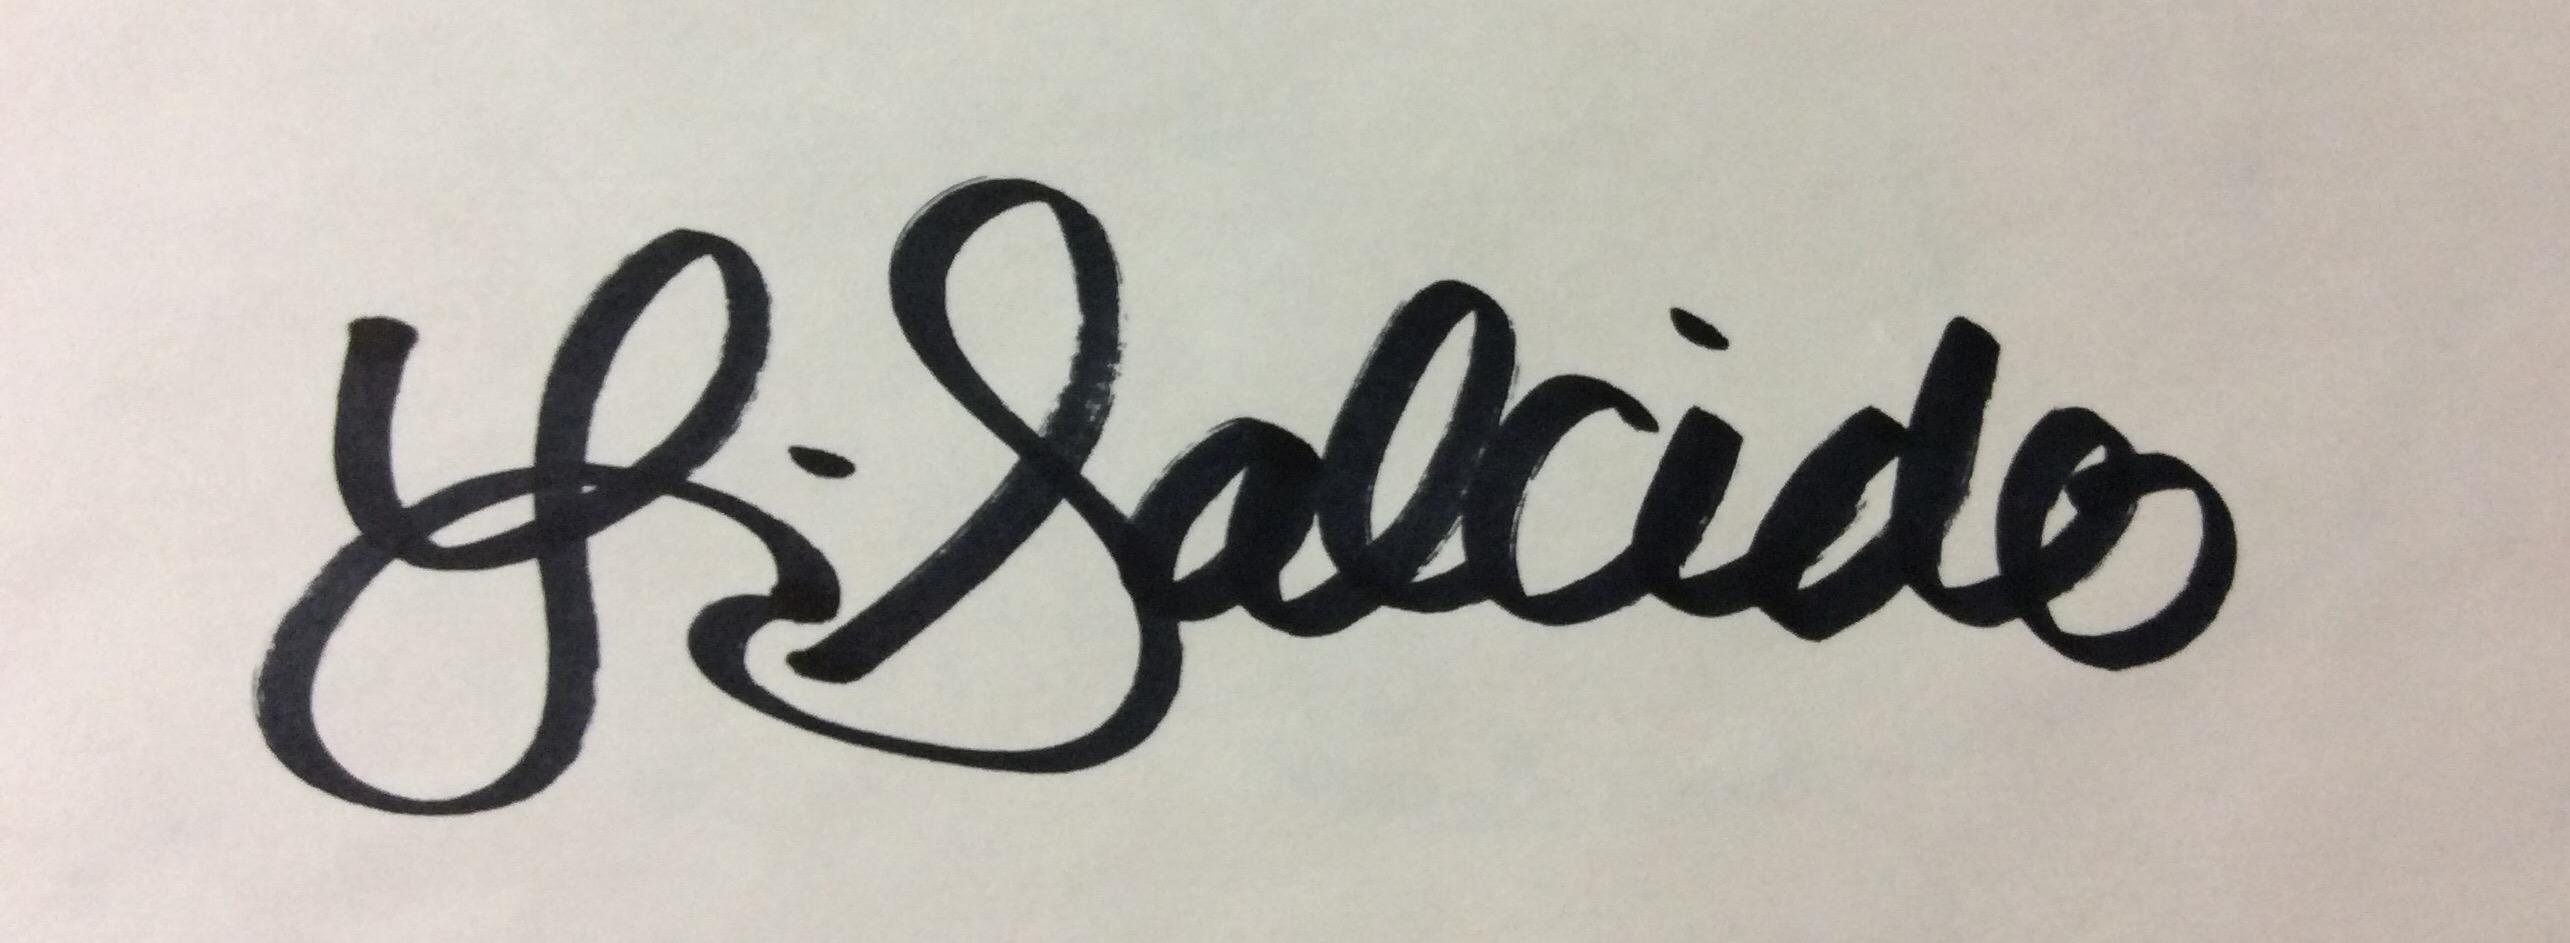 Laura Salcido's Signature